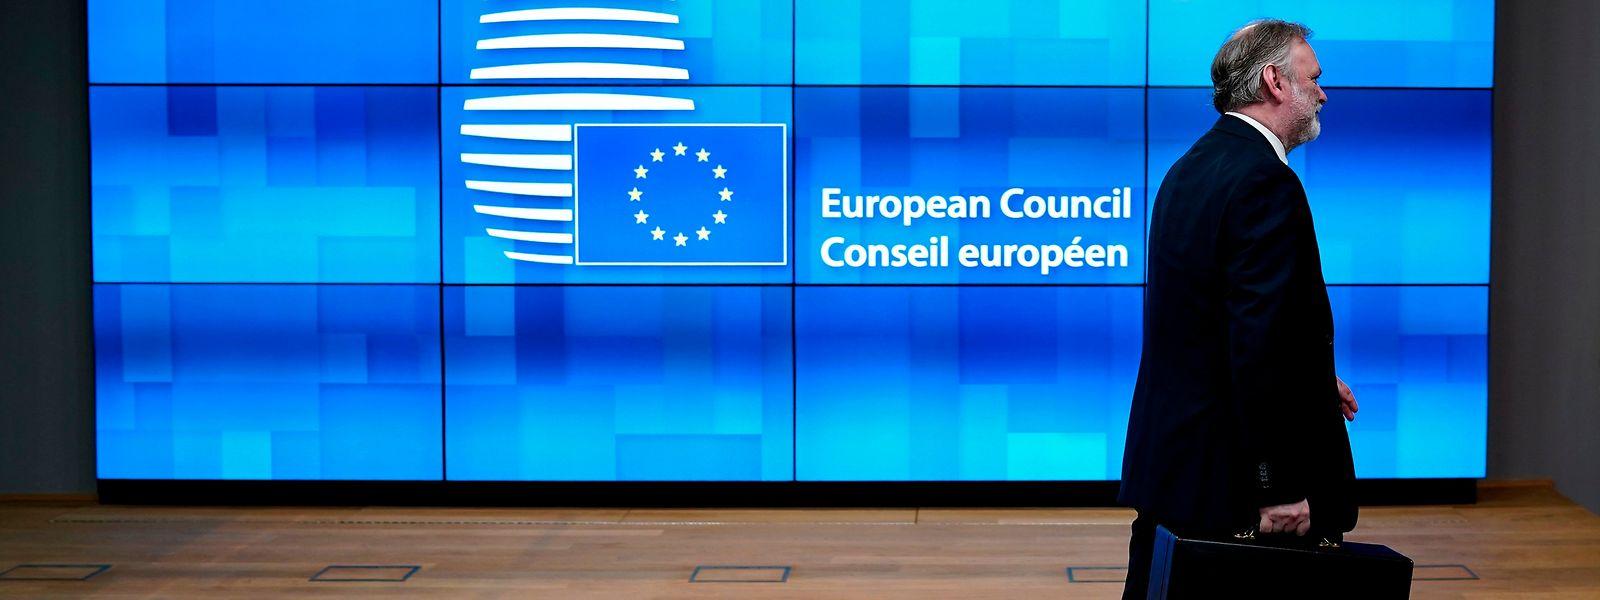 L'histoire est en marche. Tim Barrow, le représentant du Royaume-Uni auprès de l'UE, a présenté ce mercredi matin les derniers documents.